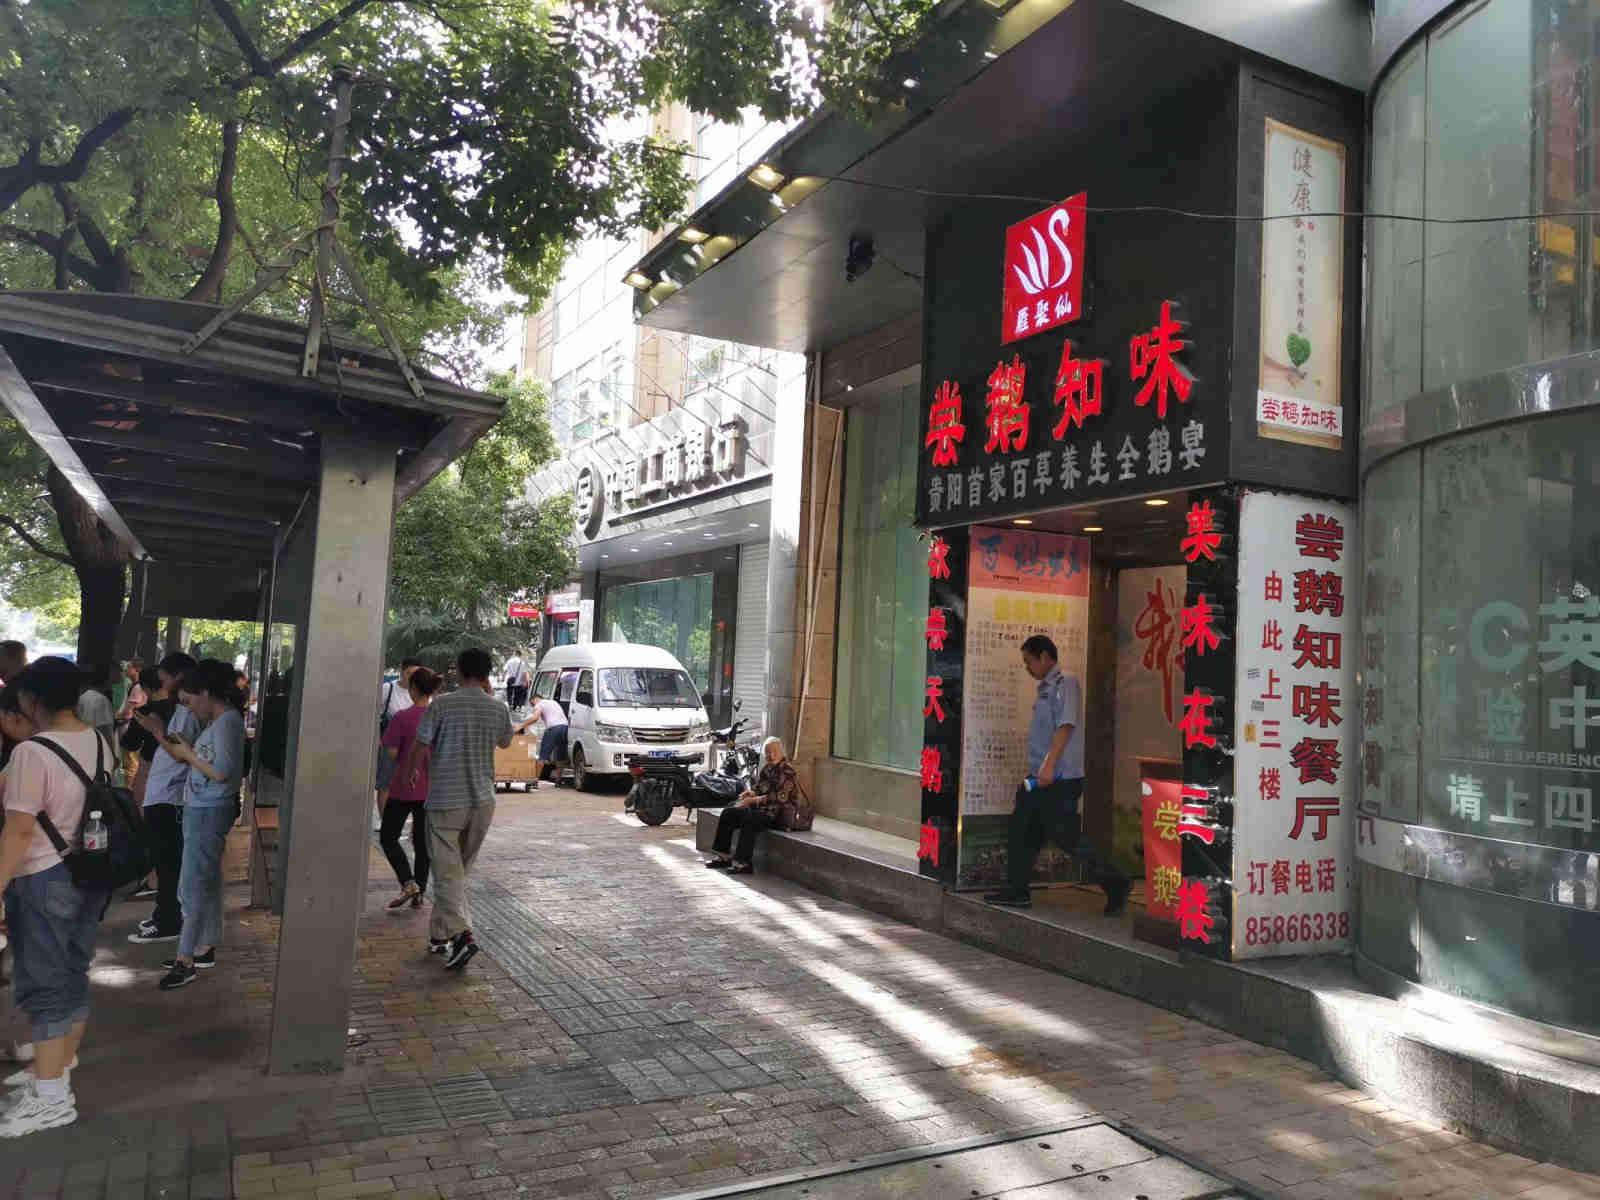 贵阳市箭道街口尝鹅知味餐厅